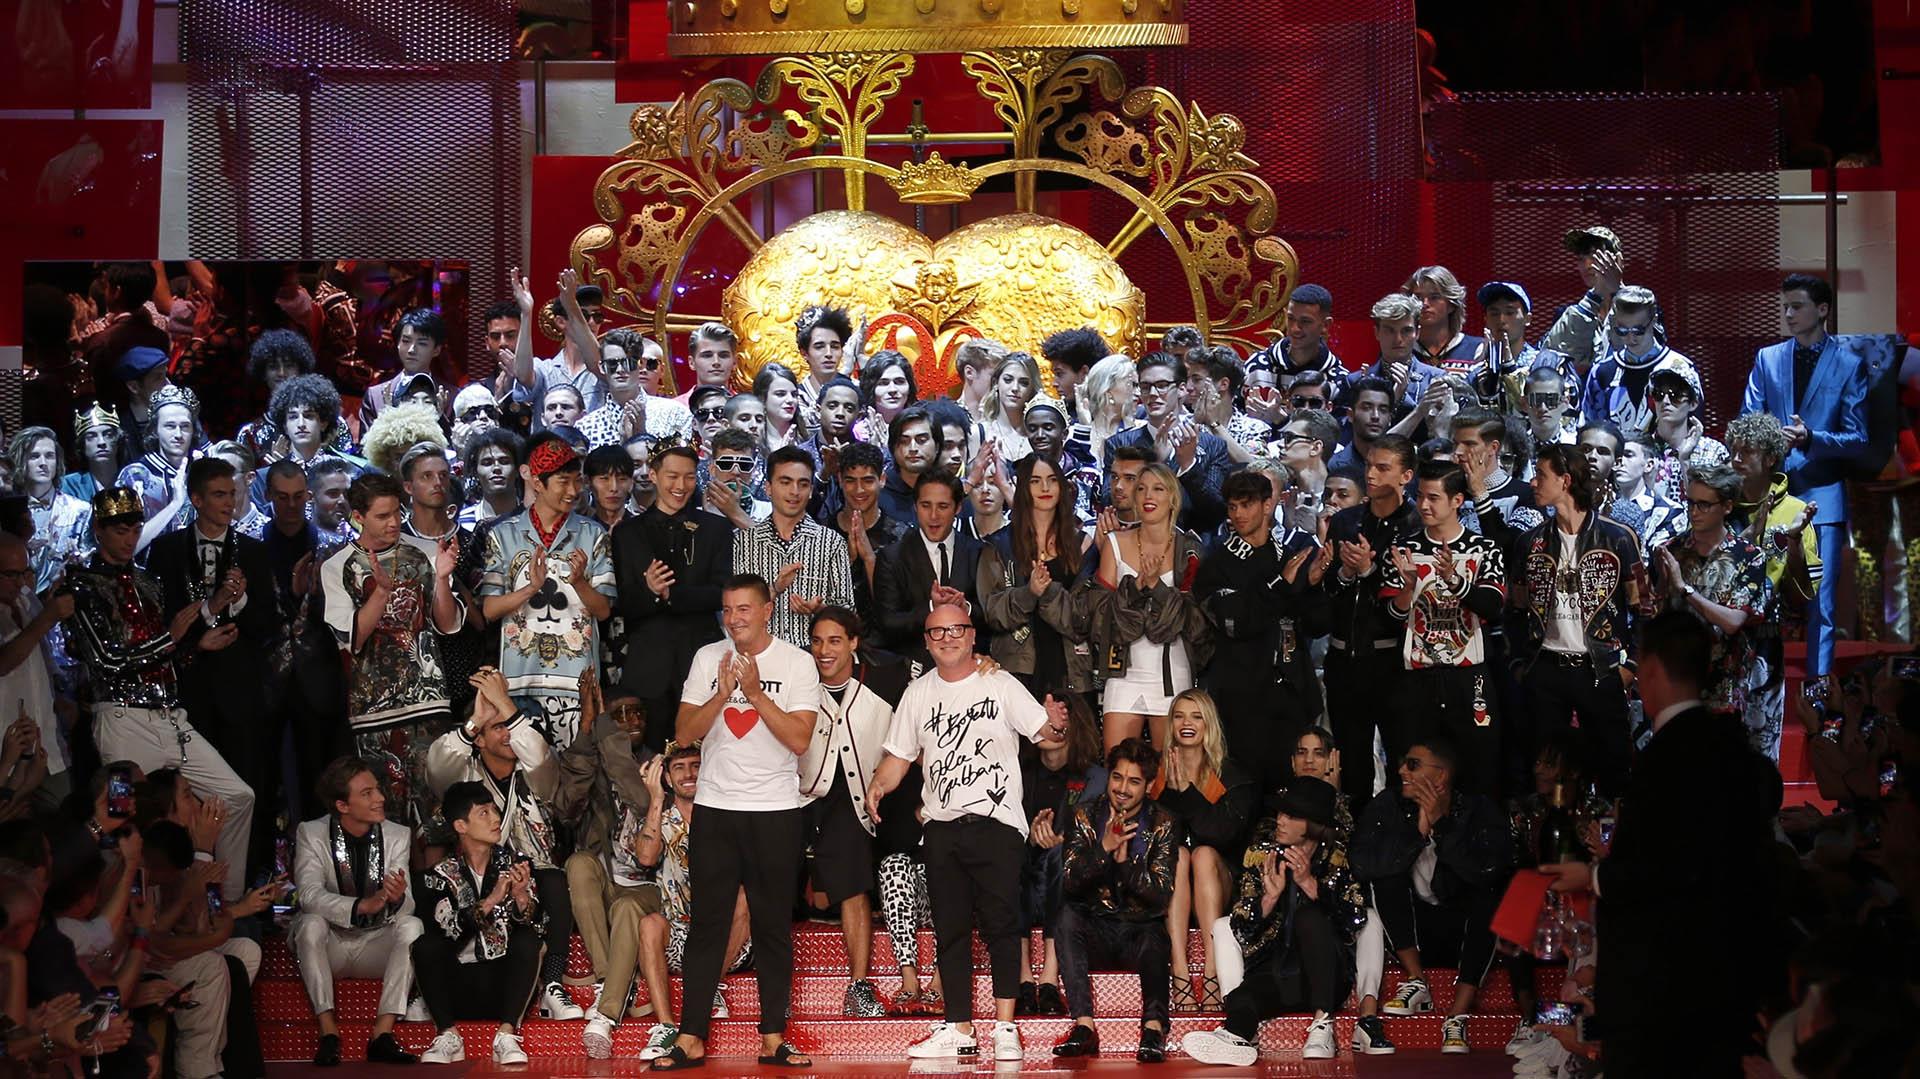 El cierre de la presentación durante Milán Fashion Week. La cita tuvo lugar en el teatro Metropol(AP Photo/Antonio Calanni)